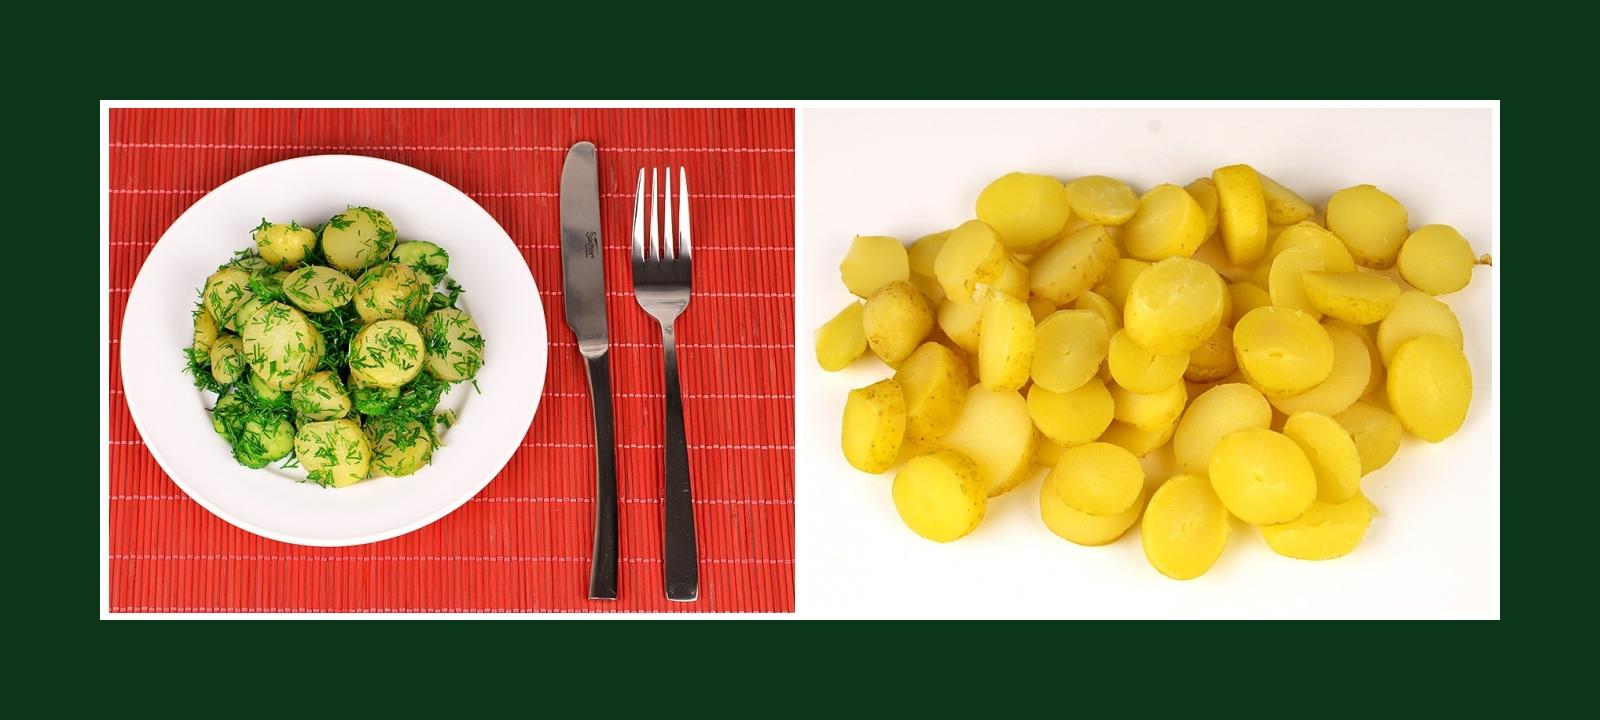 Frühkartoffeln für einfachen Salat